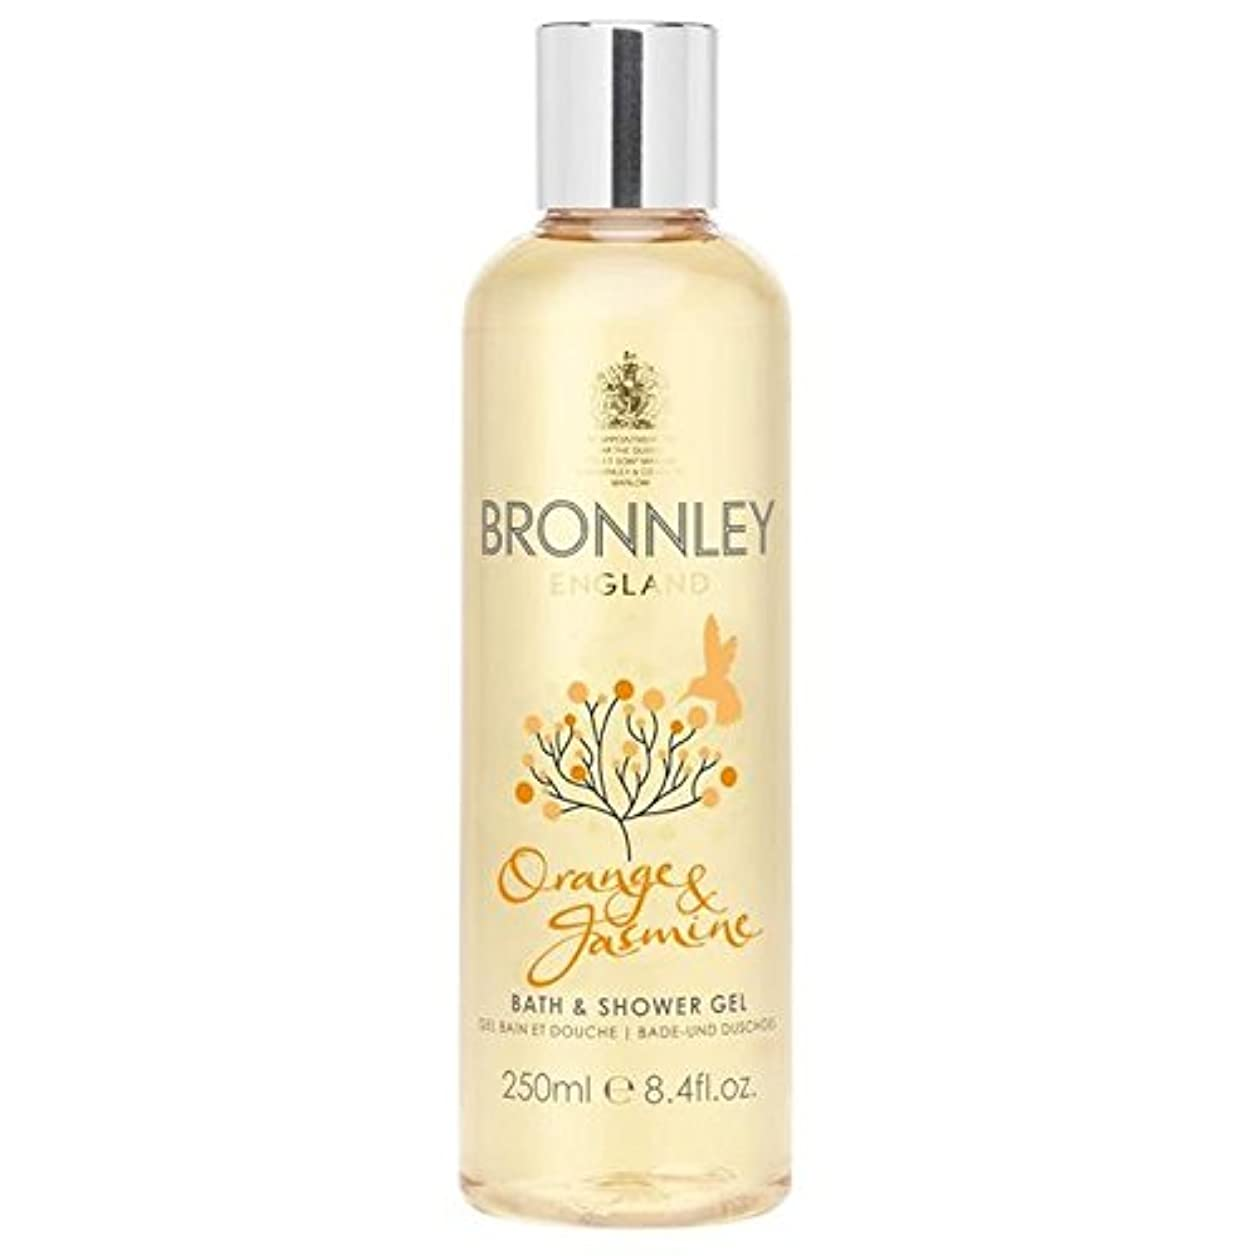 シャッター有名なふくろうBronnley Orange & Jasmine Bath & Shower Gel 250ml - オレンジ&ジャスミンバス&シャワージェル250ミリリットル [並行輸入品]